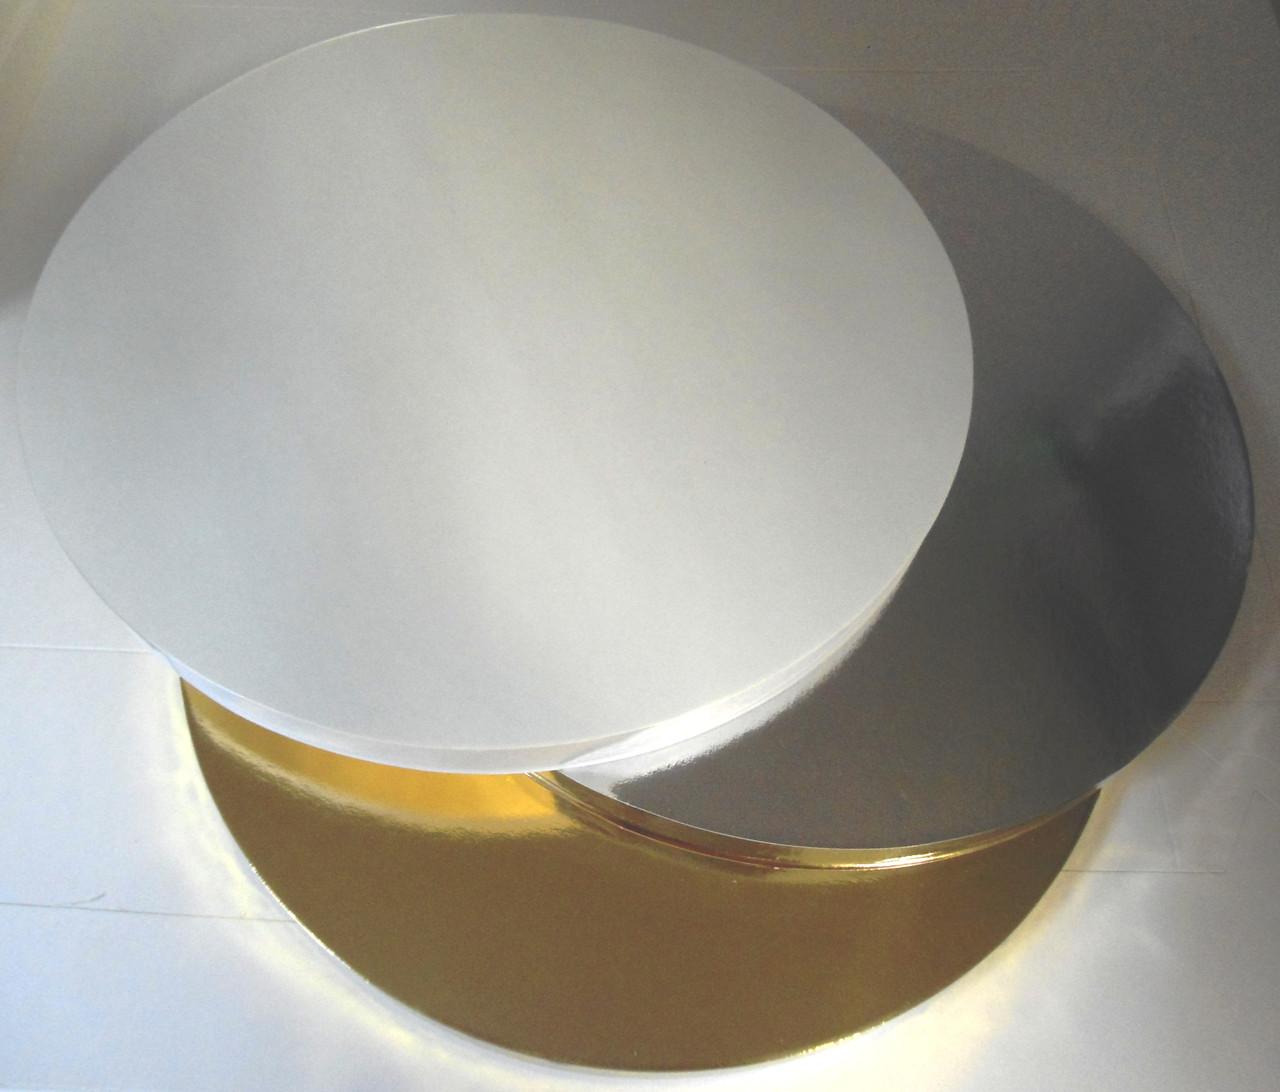 Подложка усиленная под торт белая D 35cm, h 2cm Украина - 04824